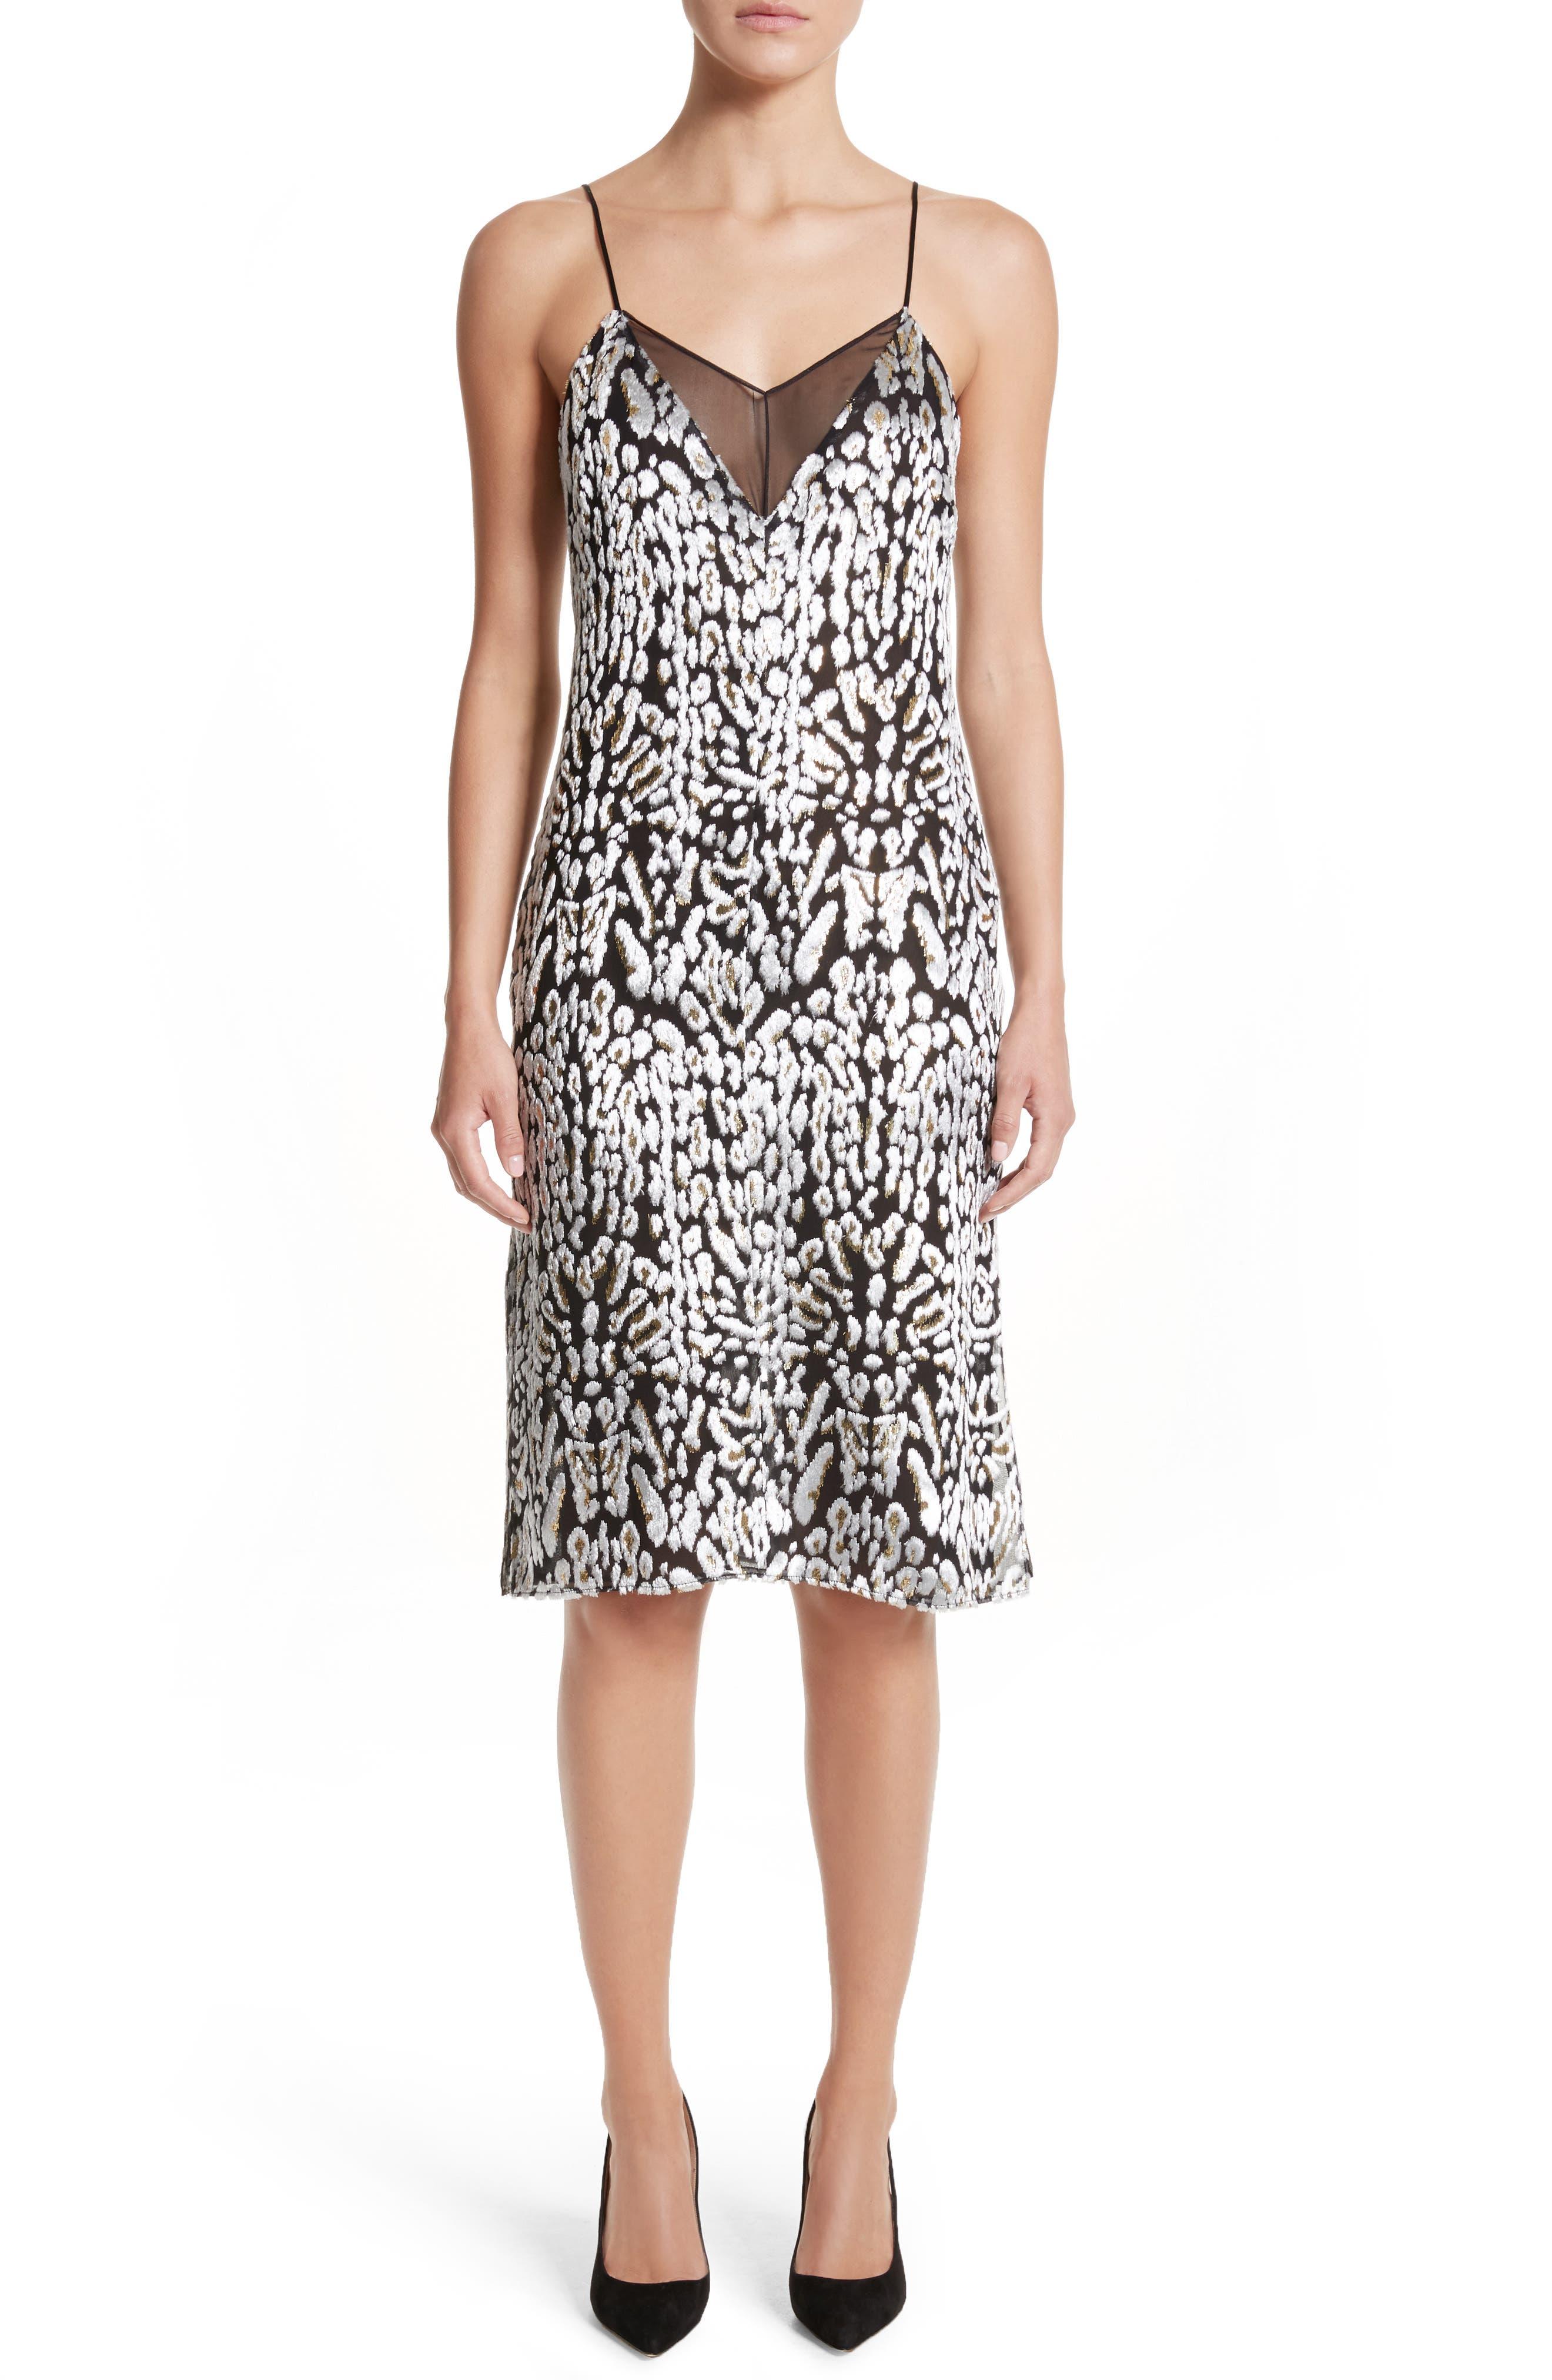 Ocelot Velvet Jacquard Dress,                             Main thumbnail 1, color,                             Black/ Ivory/ Gold